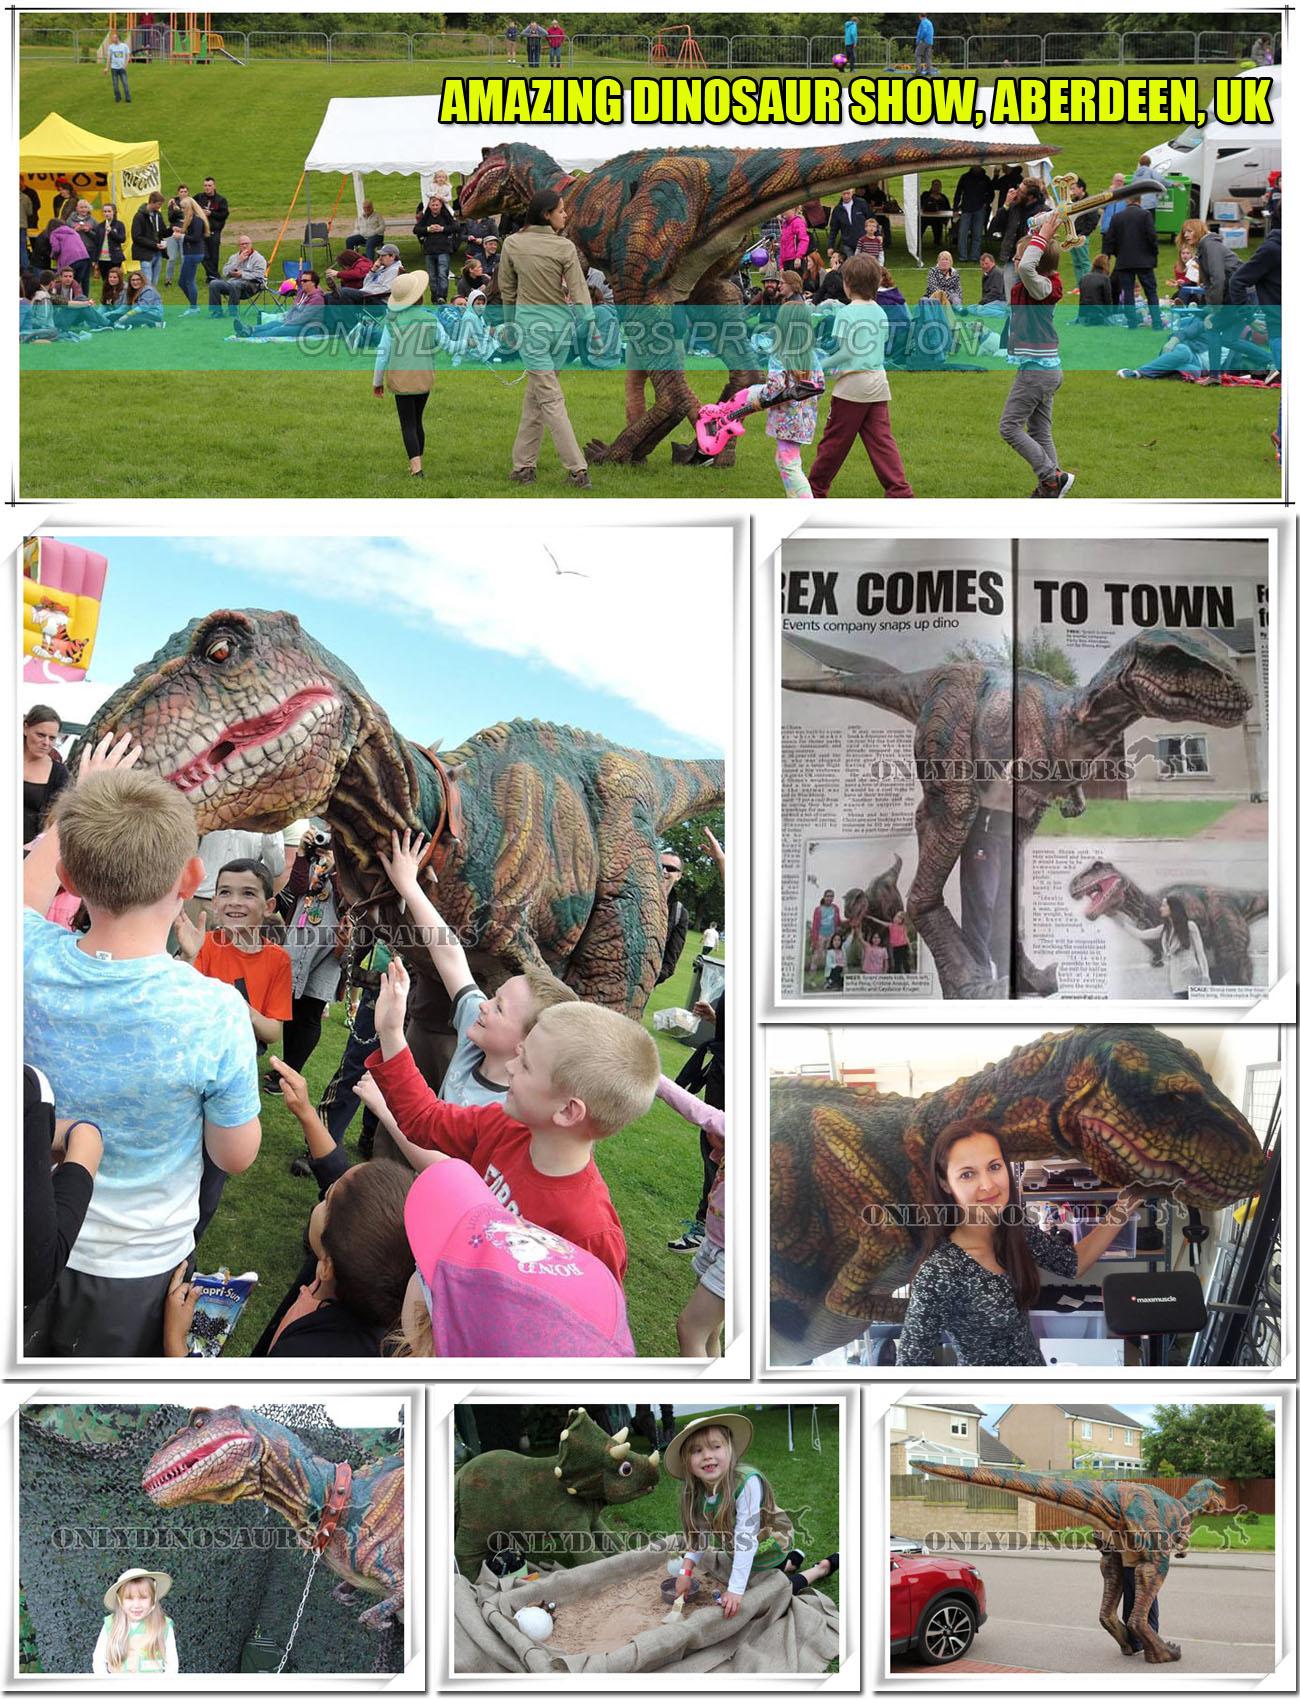 Amazing Dinosaur Show in Aberdeen